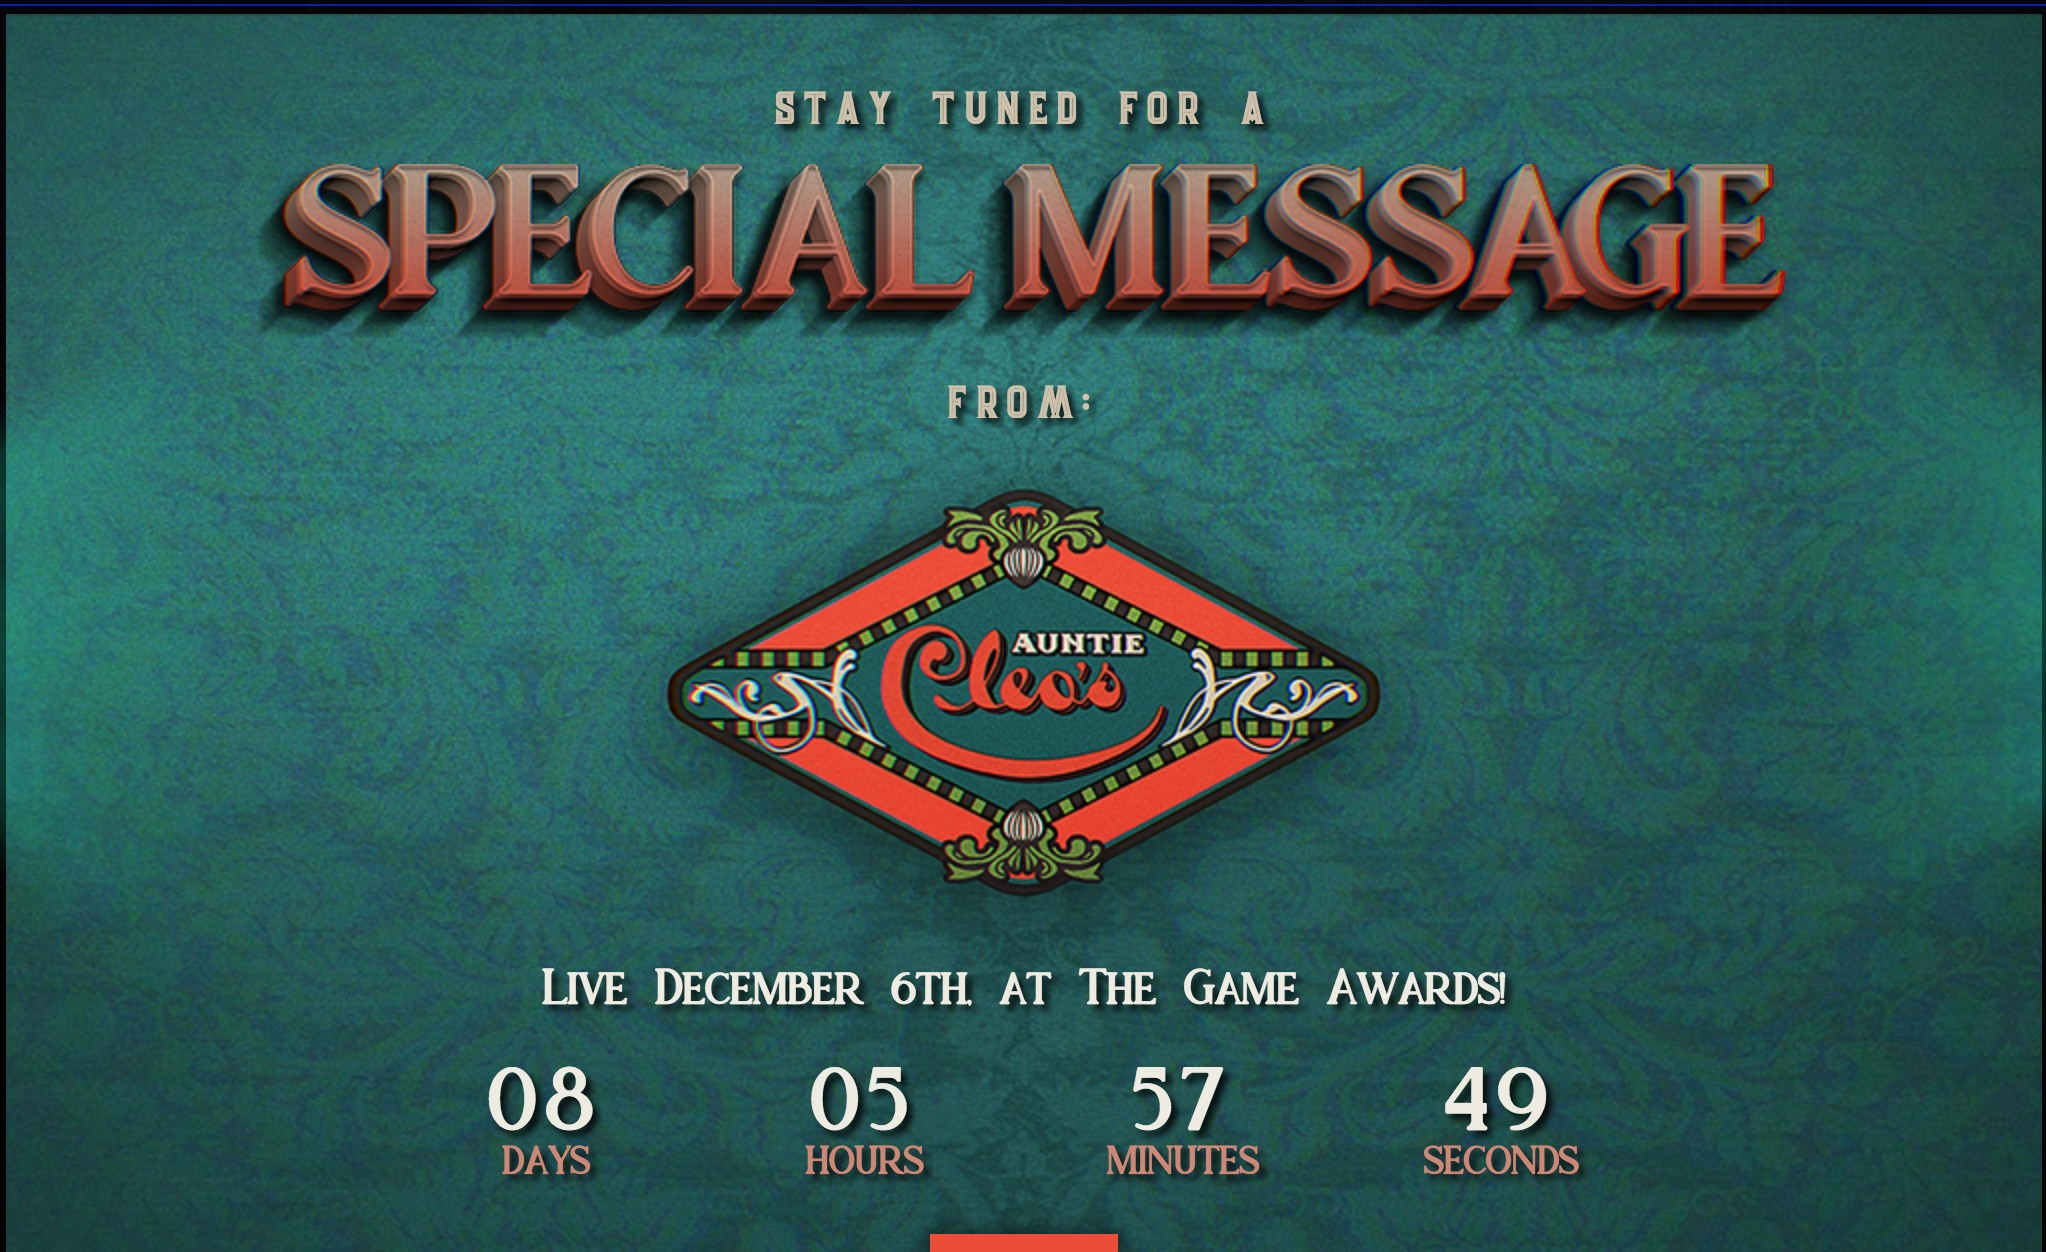 黑曜石娱乐将会在下周TGA上公布一款新游戏